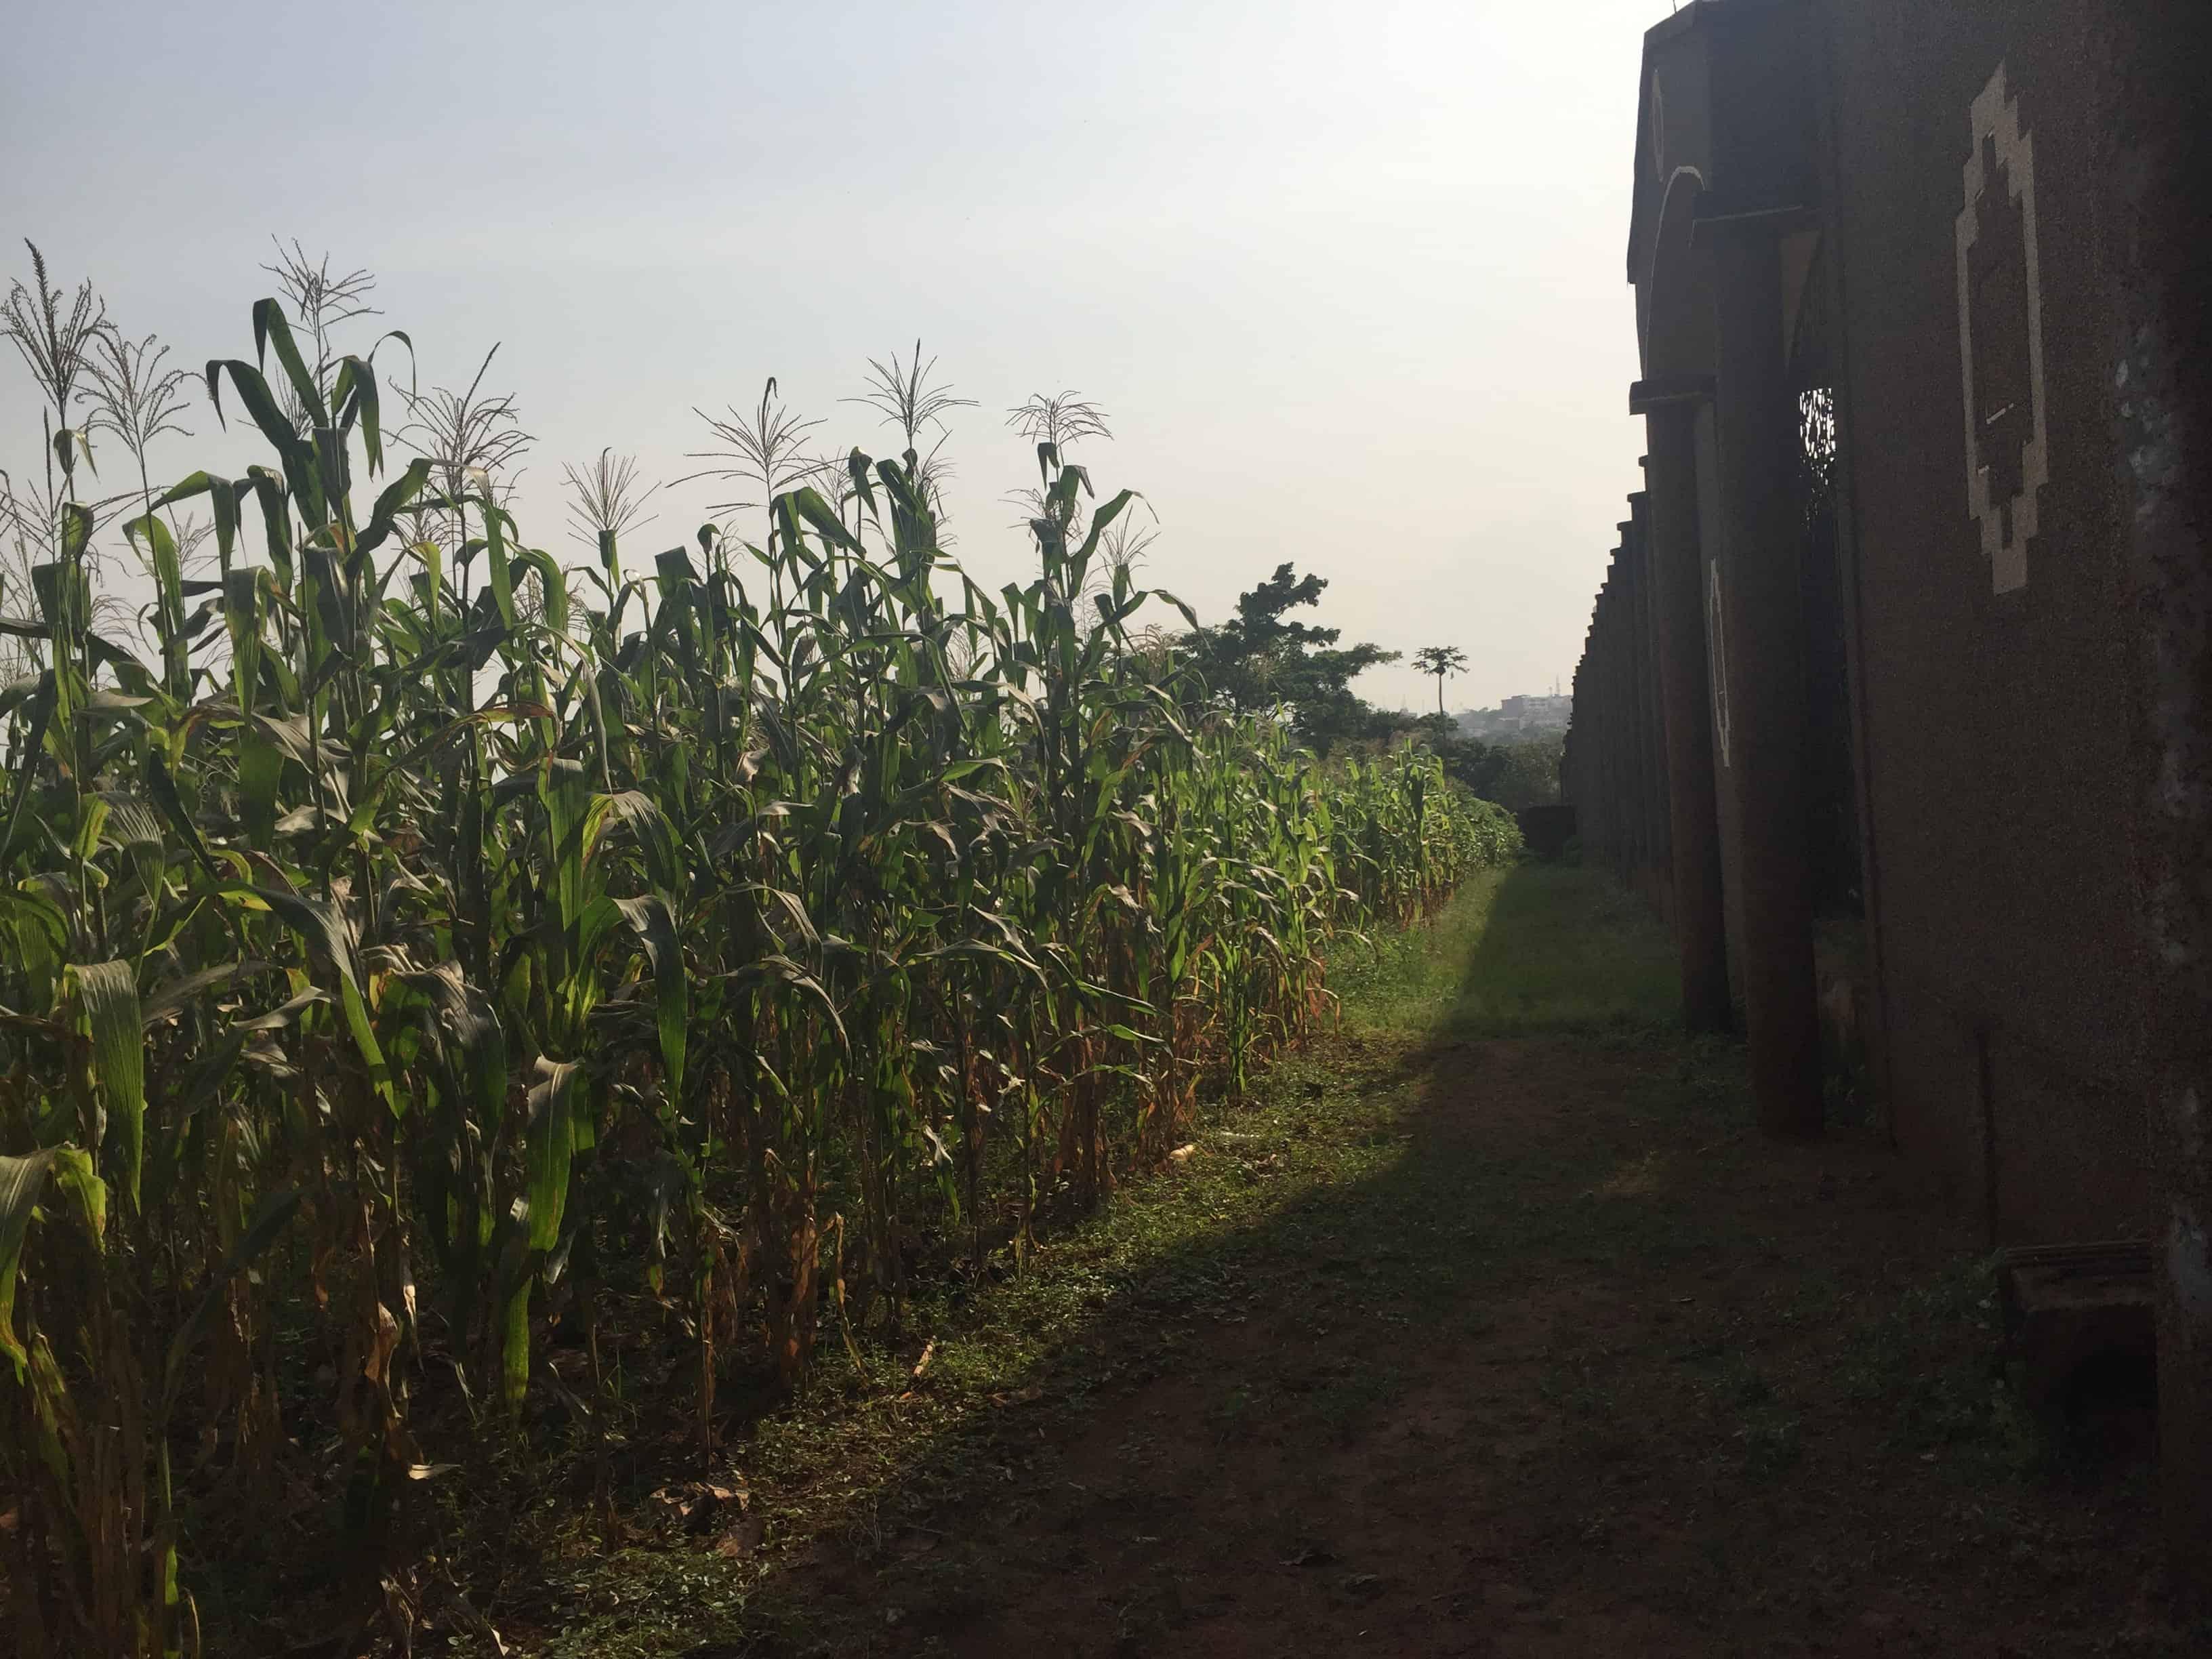 Land for sale at Yaoundé, Ngousso, Yaoundé - 1000 m2 - 40 000 000 FCFA